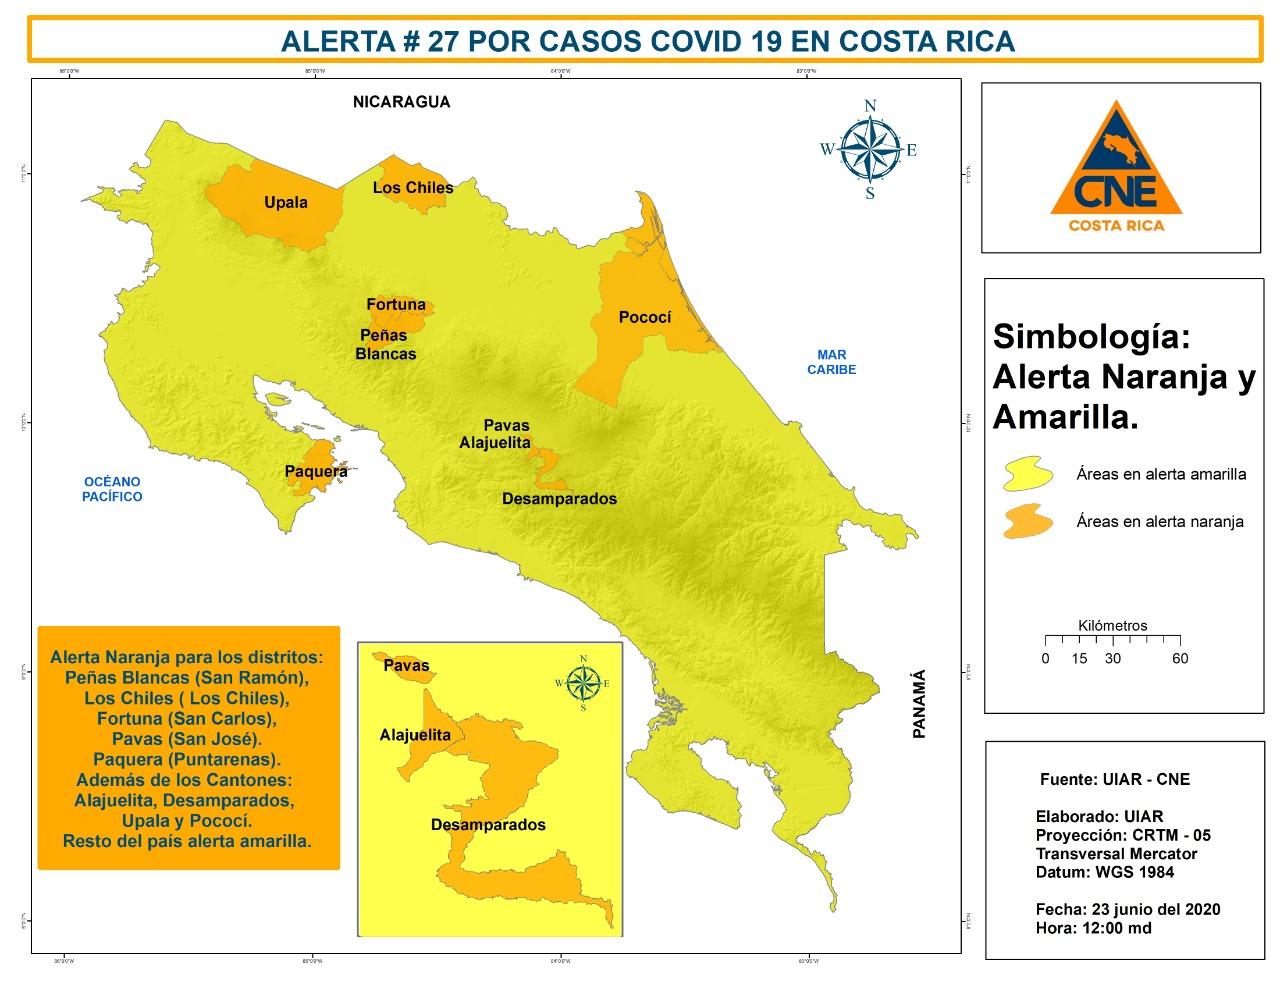 Pavas es el tercer distrito del Gran Área Metropolitana que se declara en alerta naranja.